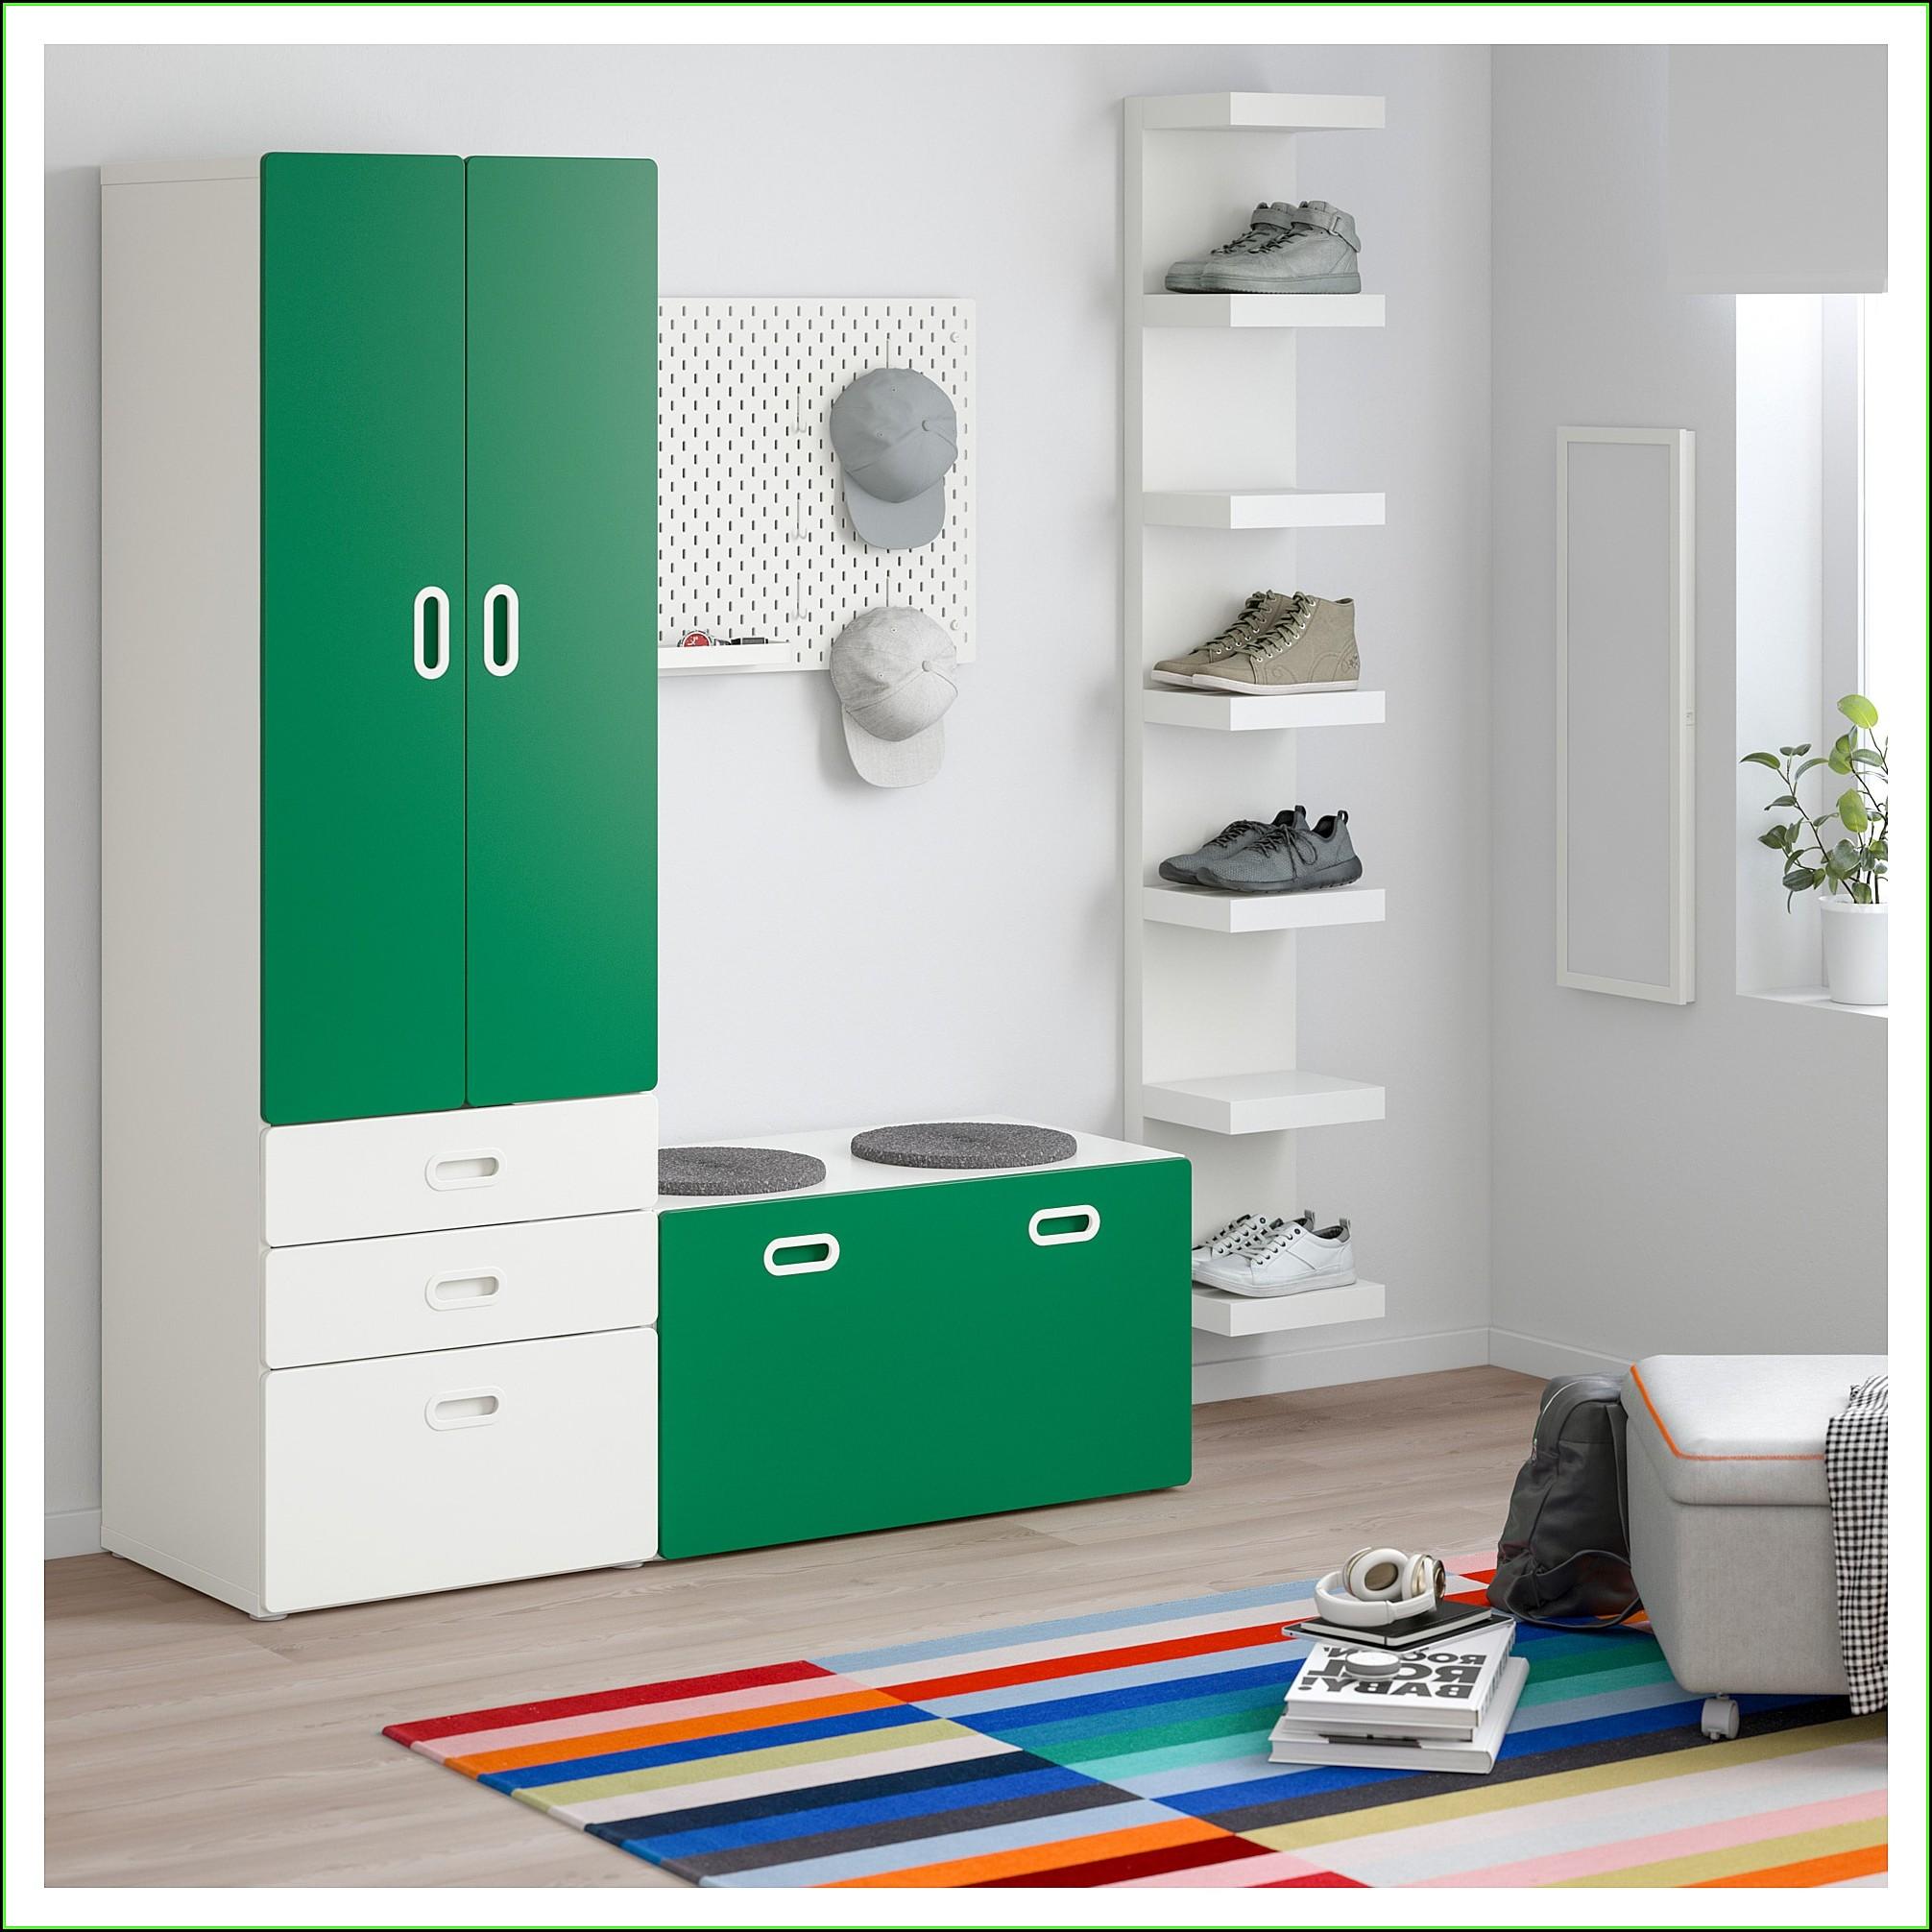 Ikea Kinderzimmer Stuva Grün